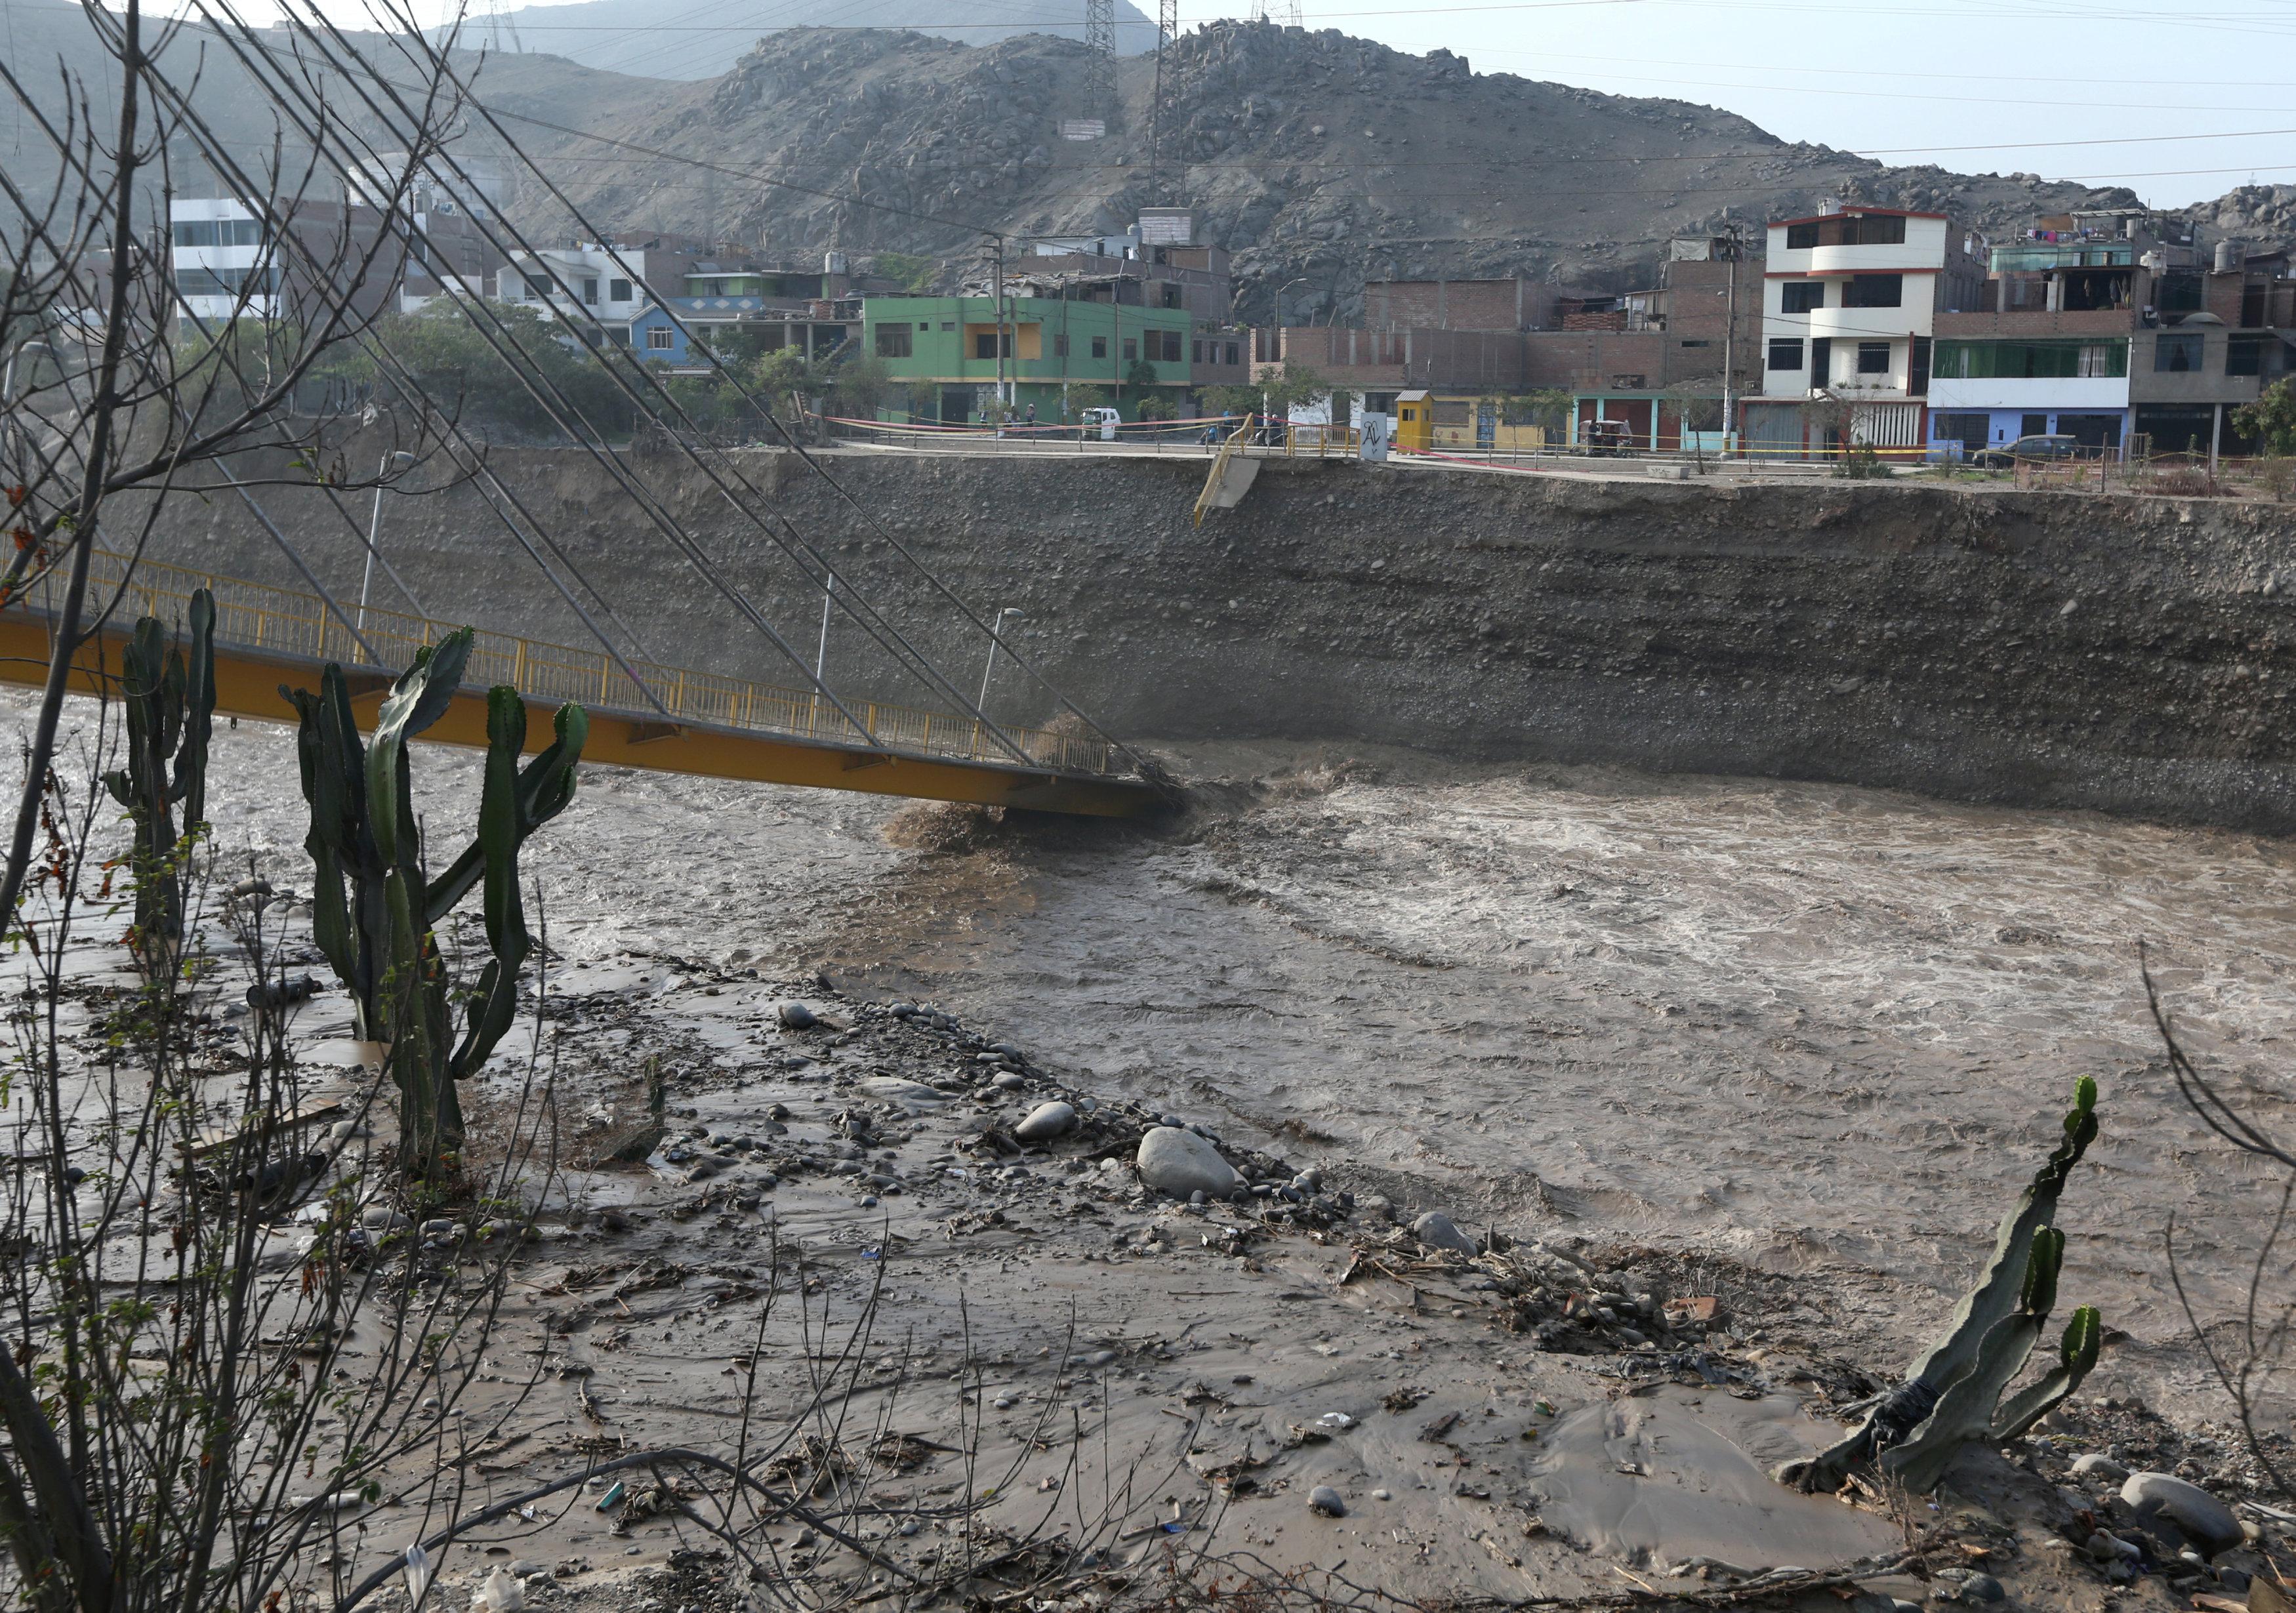 سقوط جسر نتيجة للأمطار الغزيرة